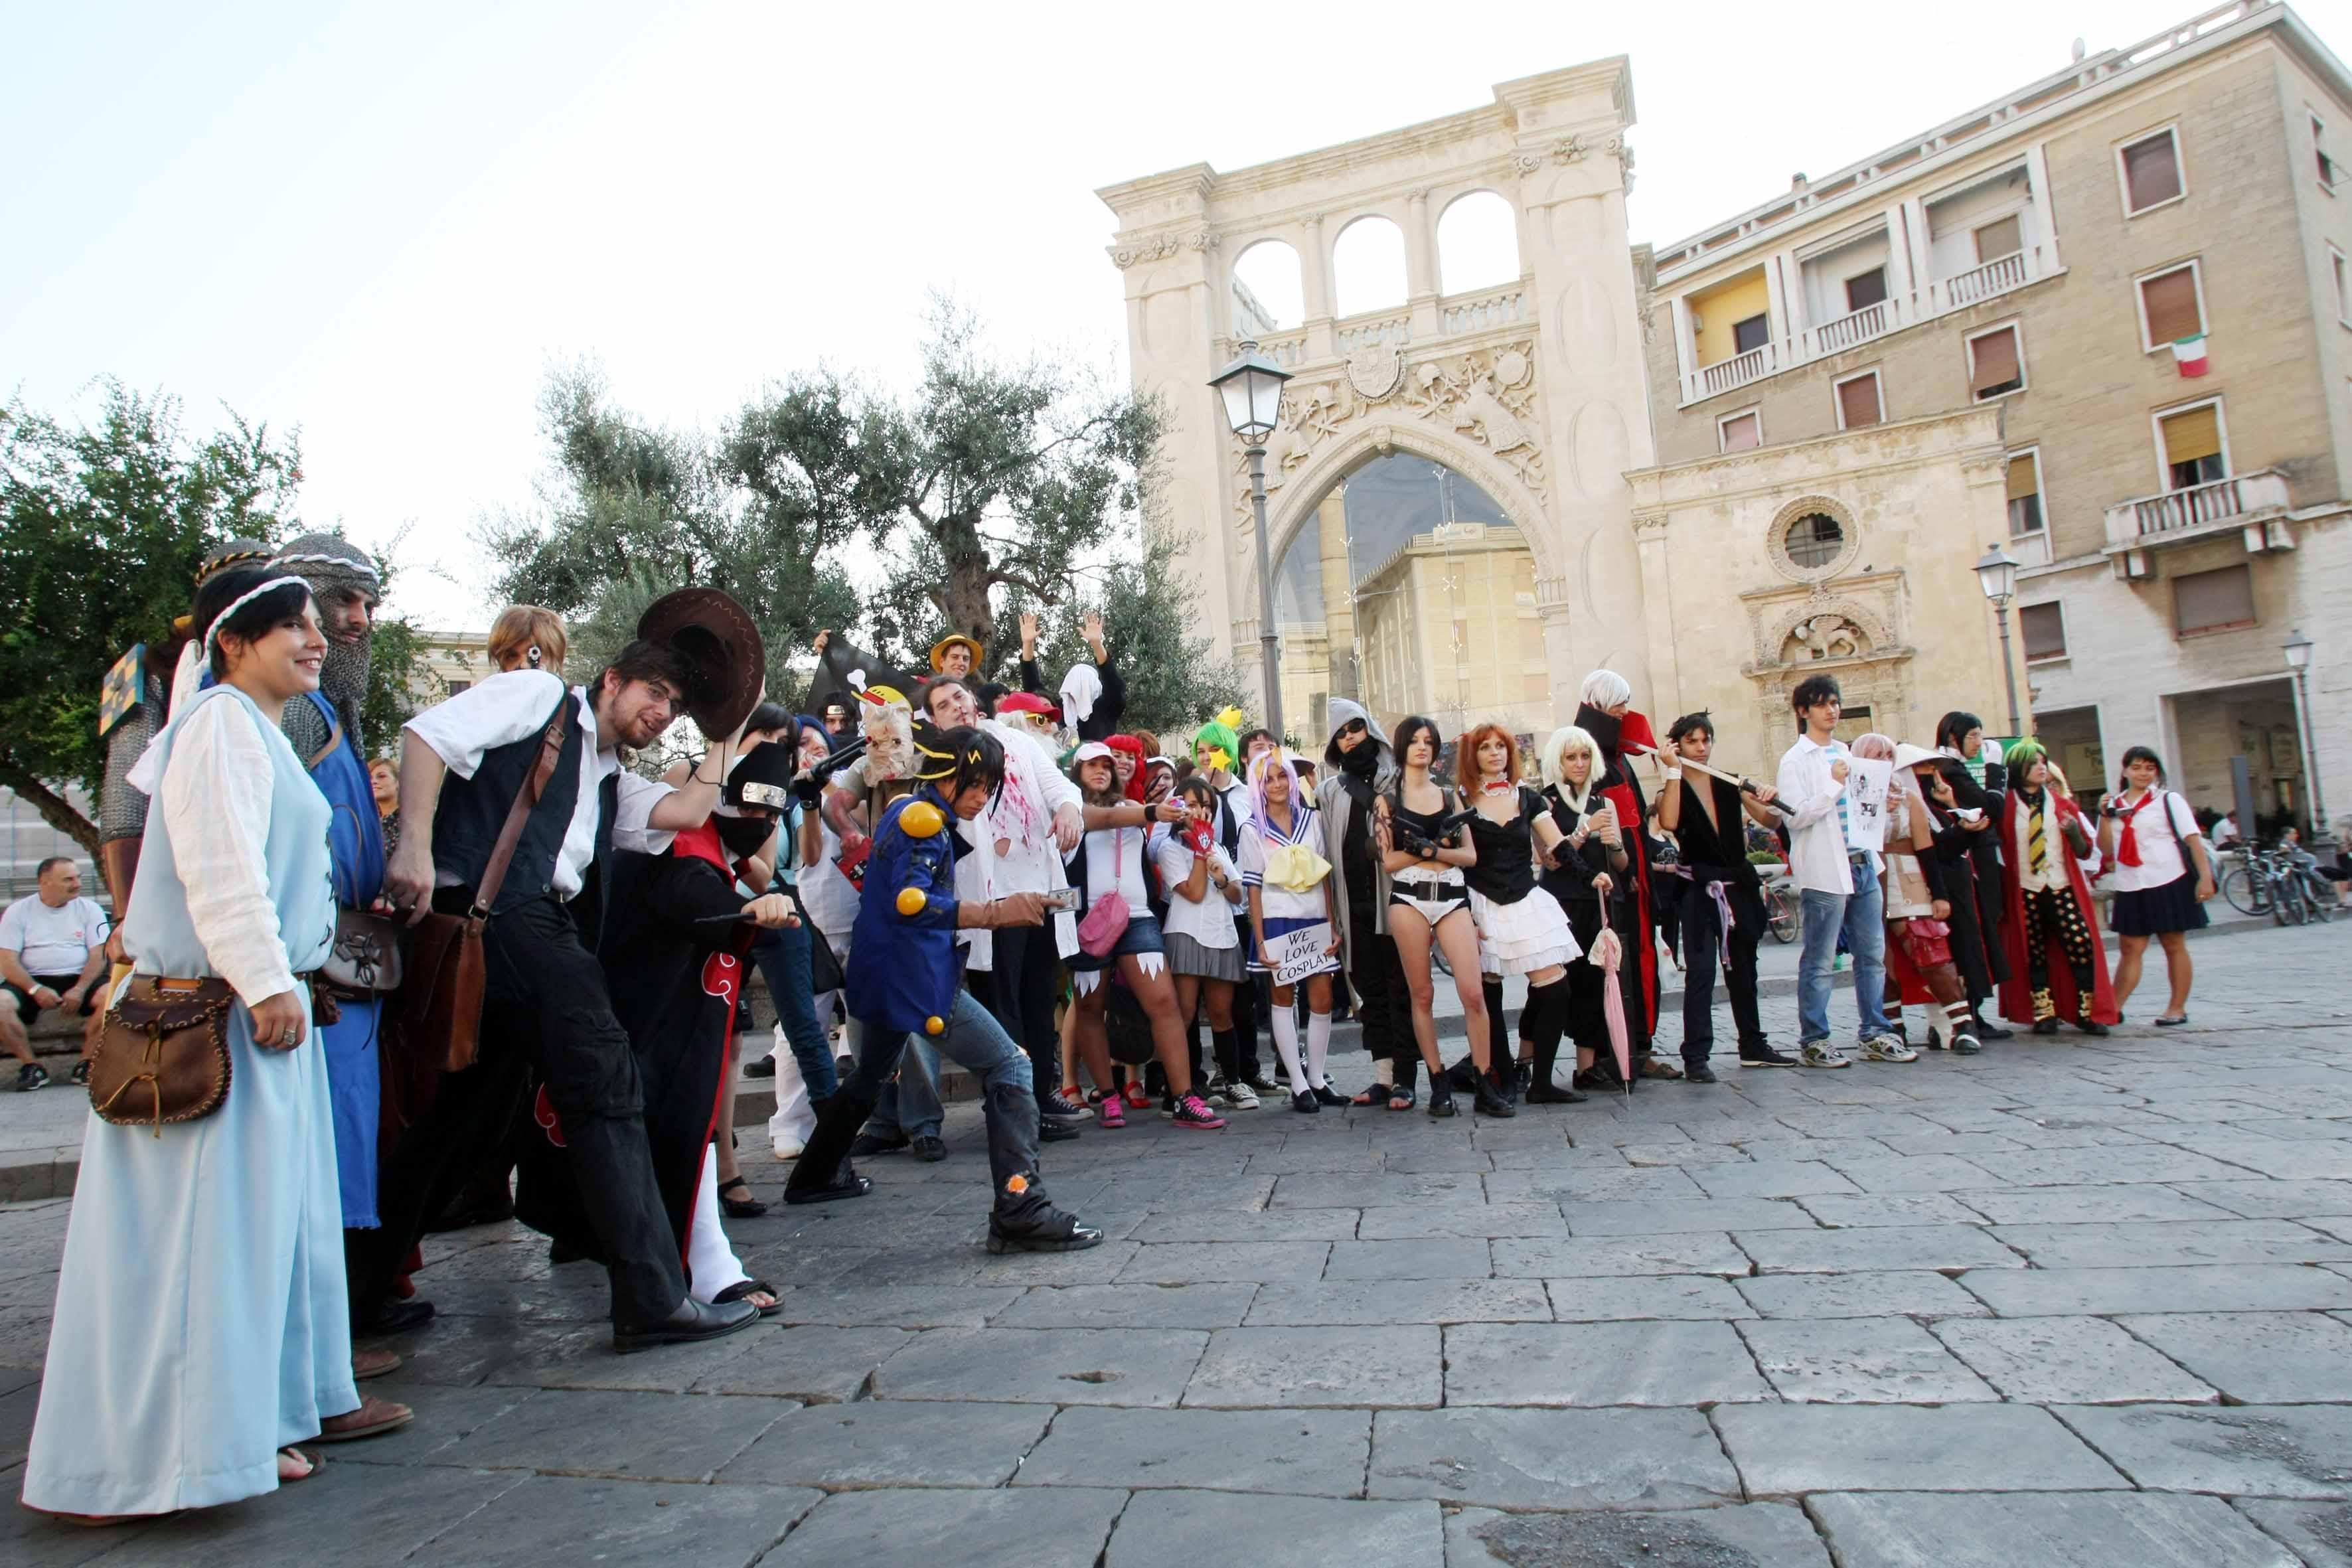 Settembre 2011 manvel cosplay - Siamo troppo diversi ...